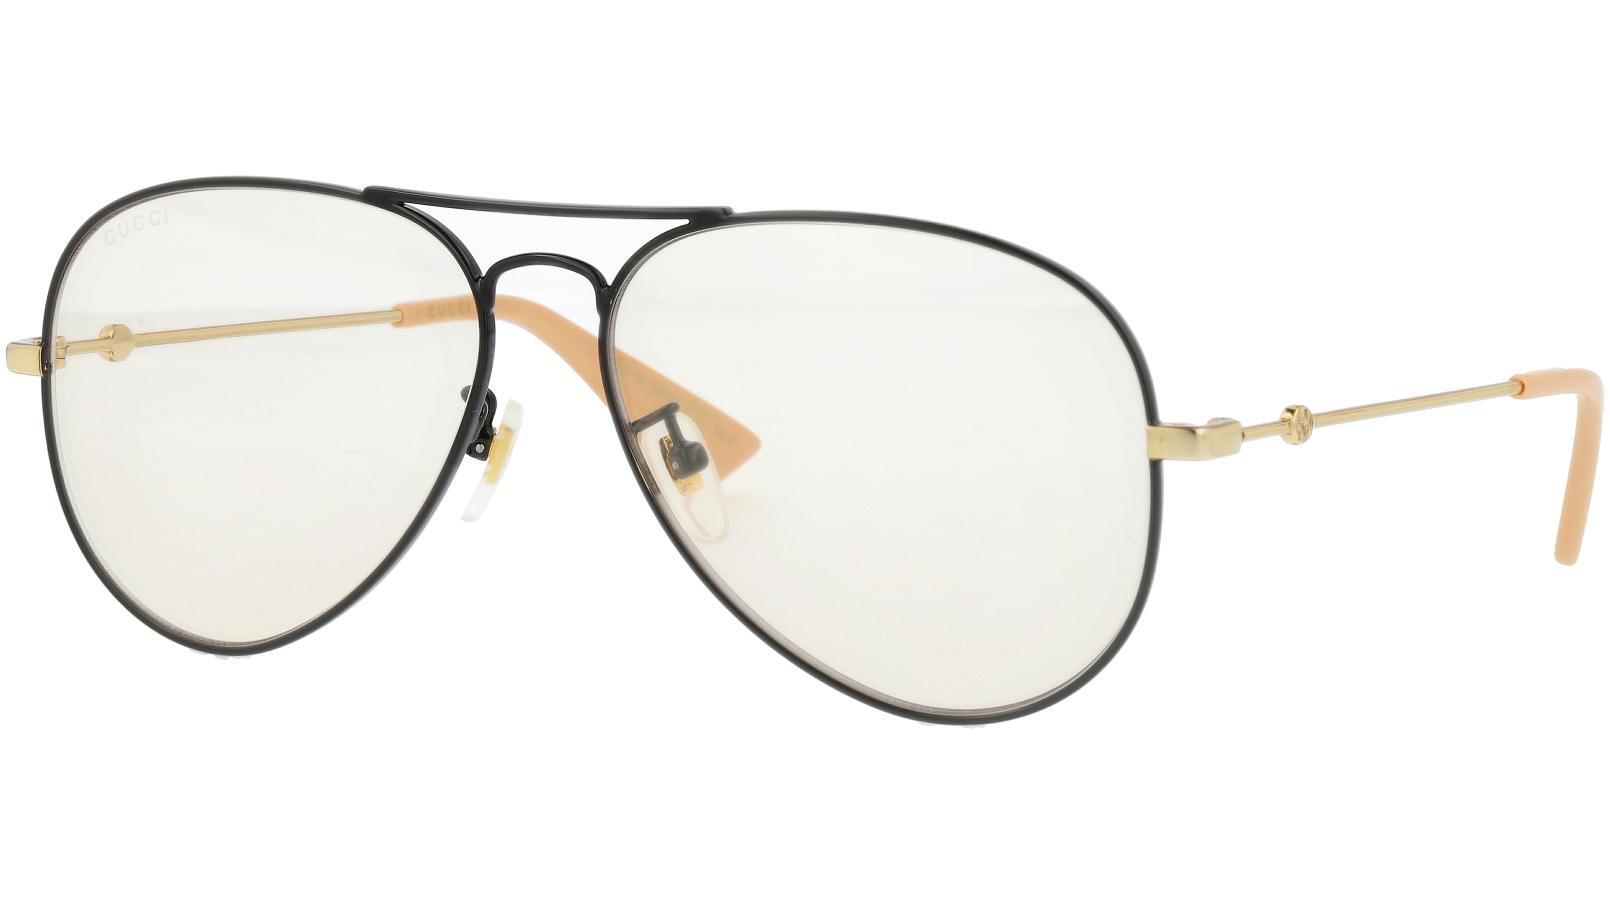 GUCCI GG0515S 003 60 BLACK Sunglasses